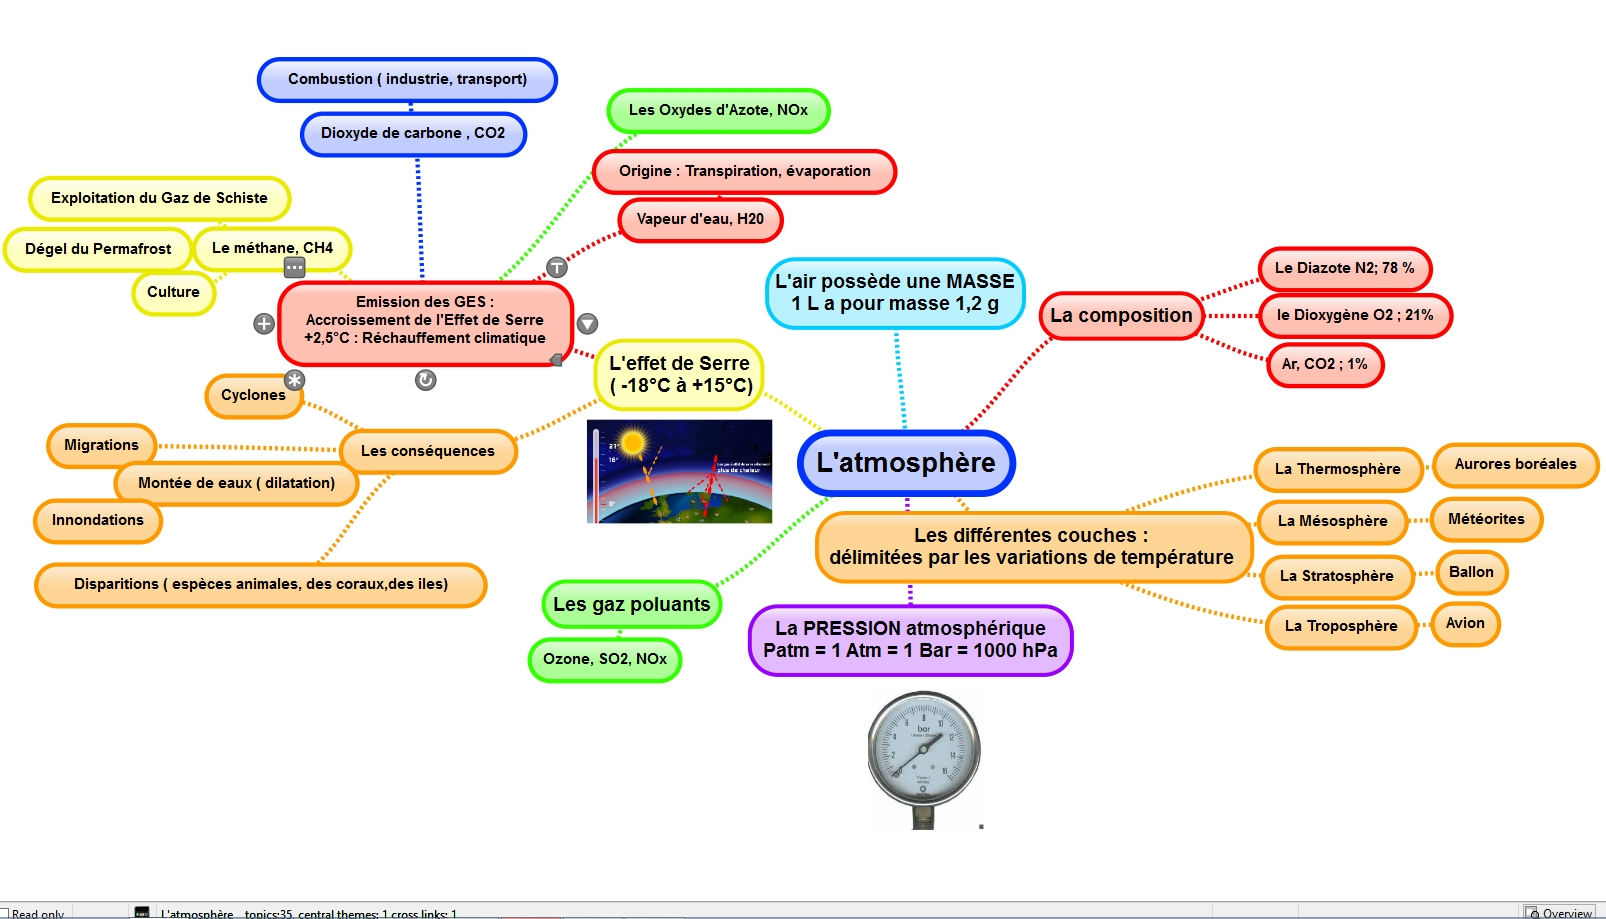 Extrêmement Cartes mentales - Sciences Physiques Collège Activités Cours TP XJ52